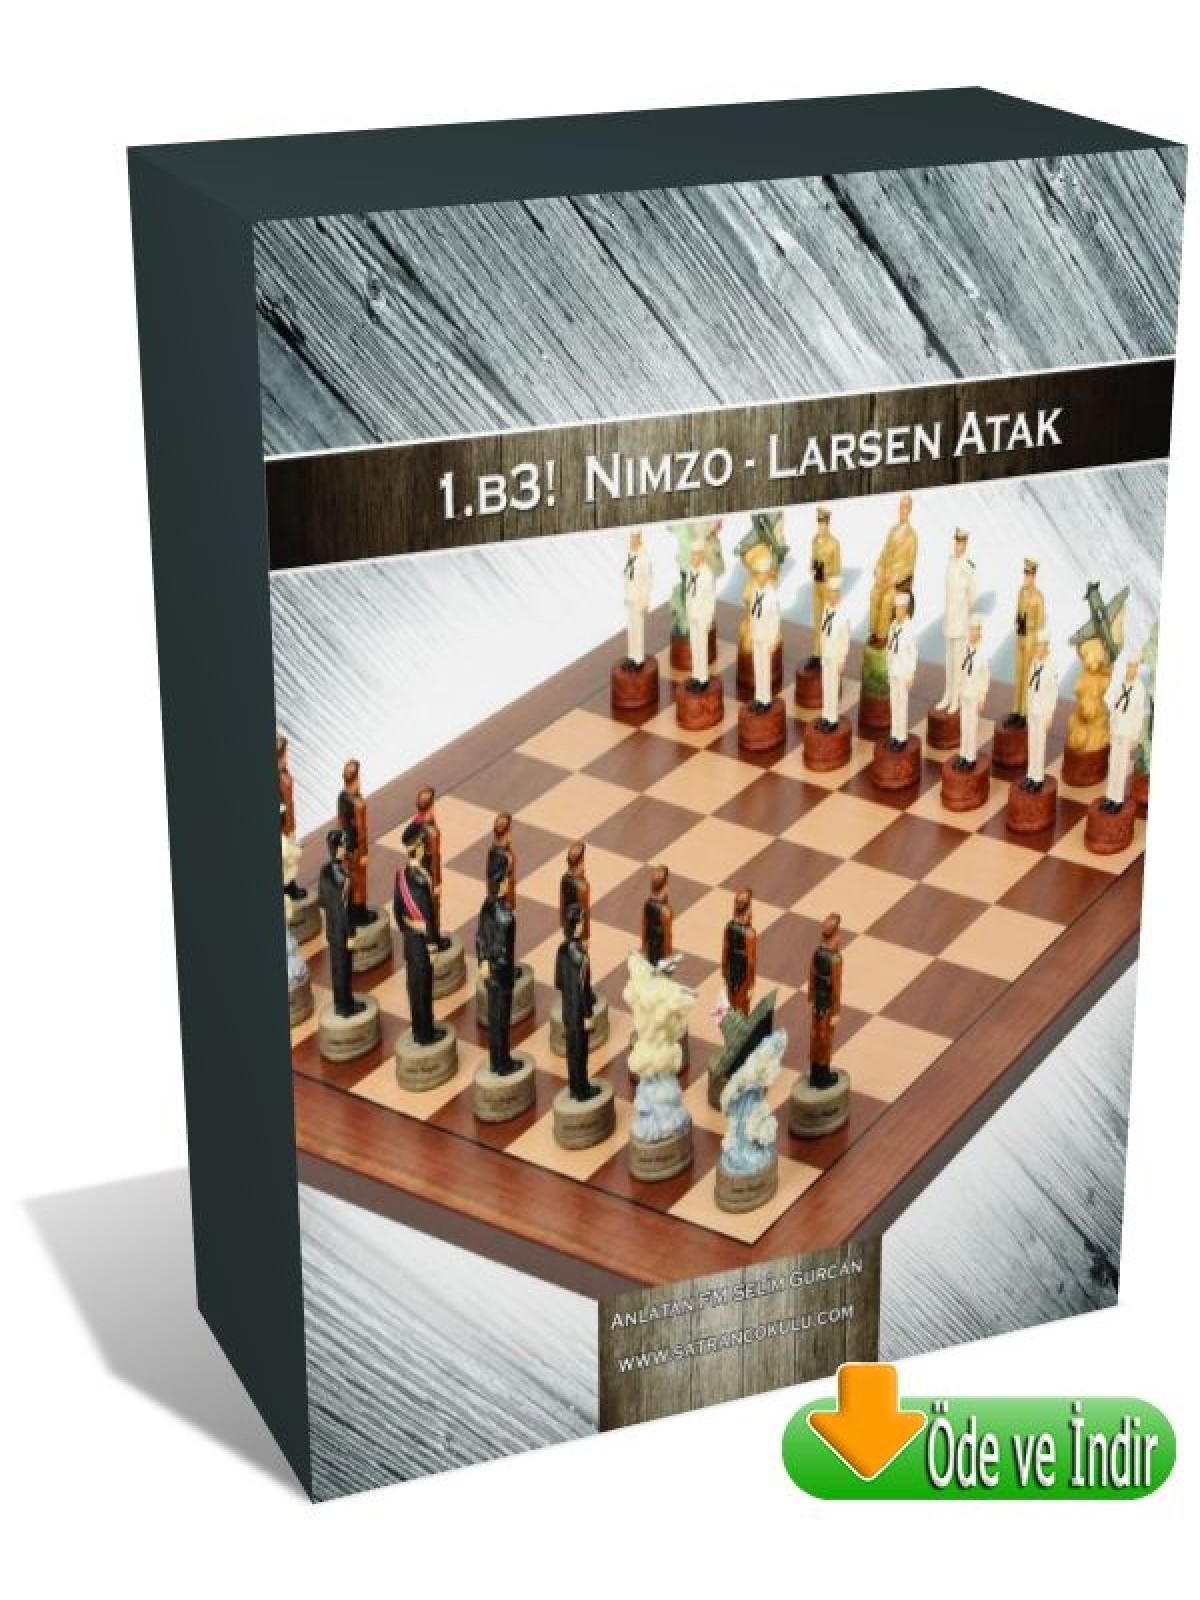 1.b3! Nimzo-Larsen Atak (Öde ve İndir)